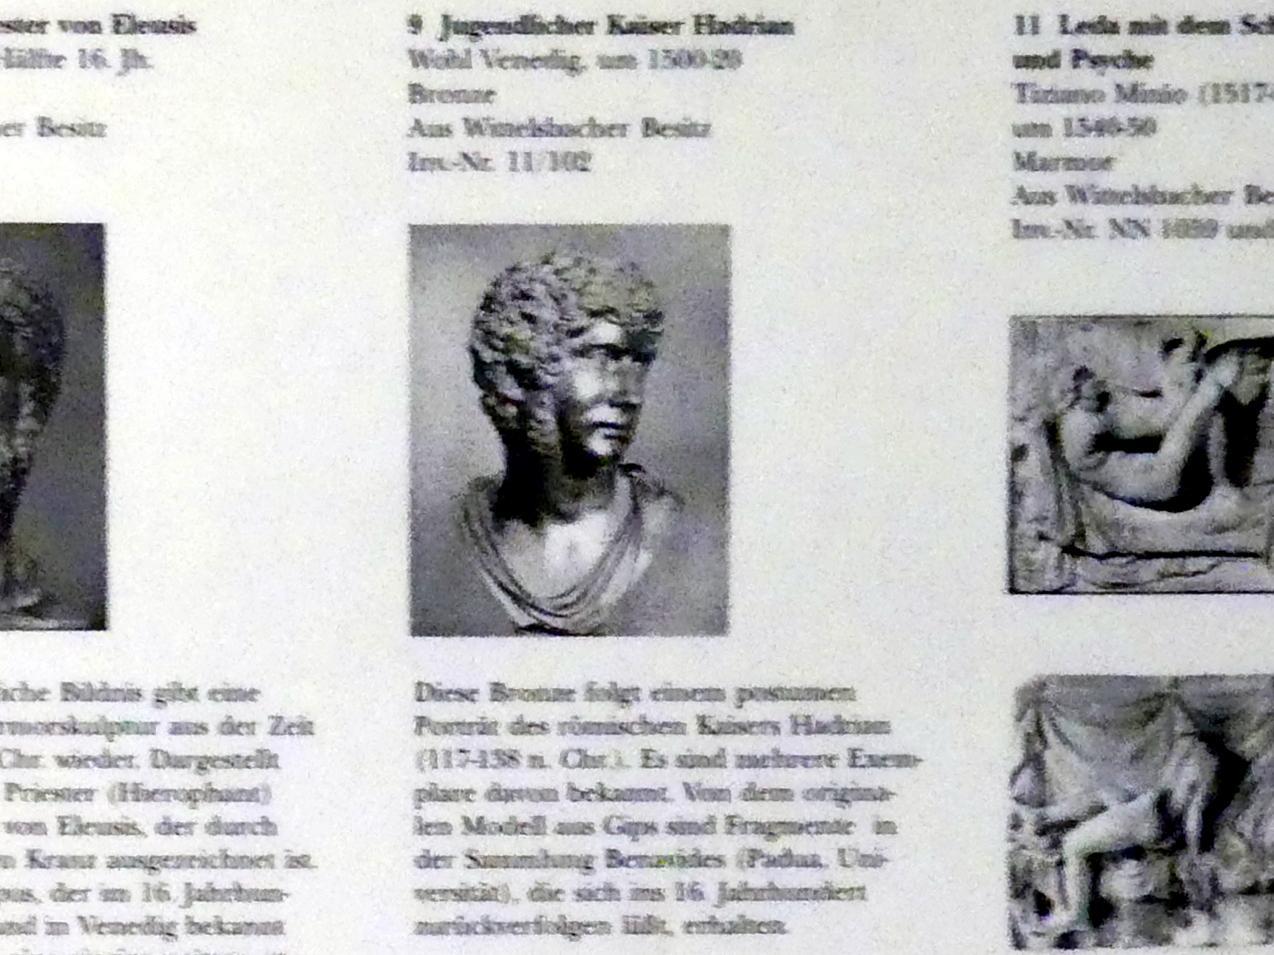 Jugendlicher Kaiser Hadrian, um 1500 - 1520, Bild 3/3